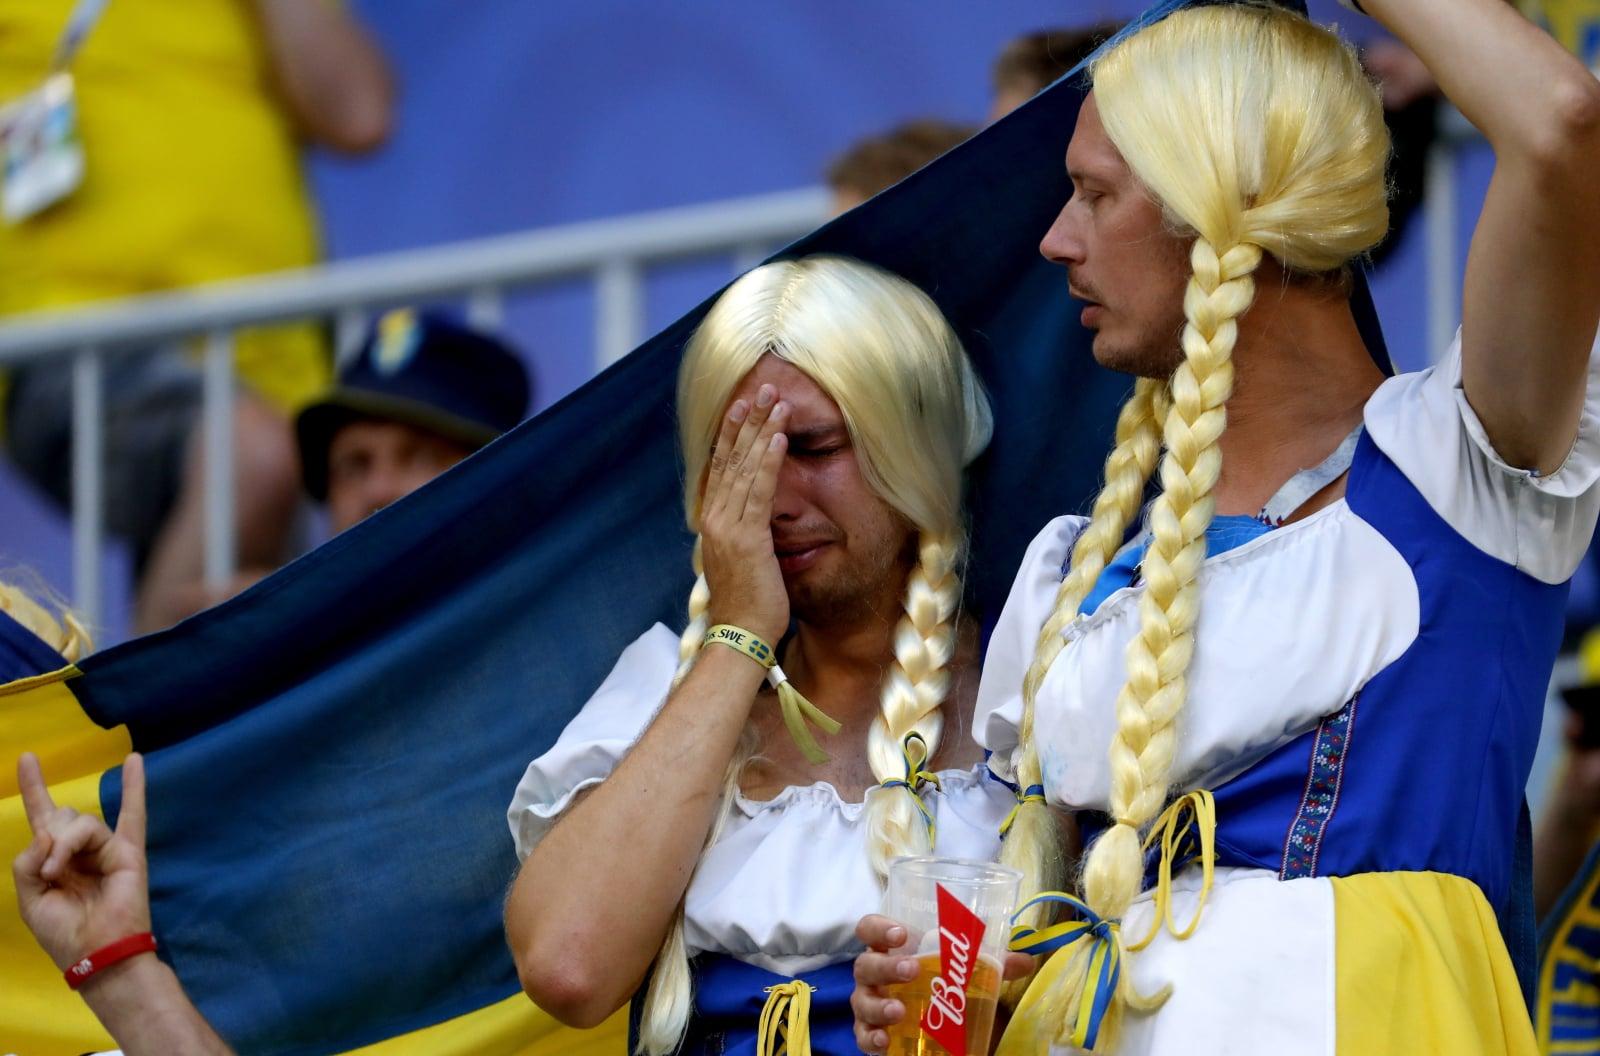 Szwedzcy kibice w trakcie meczu Anglia-Szwecja. Fot. PAP/EPA/SERGEI ILNITSKY